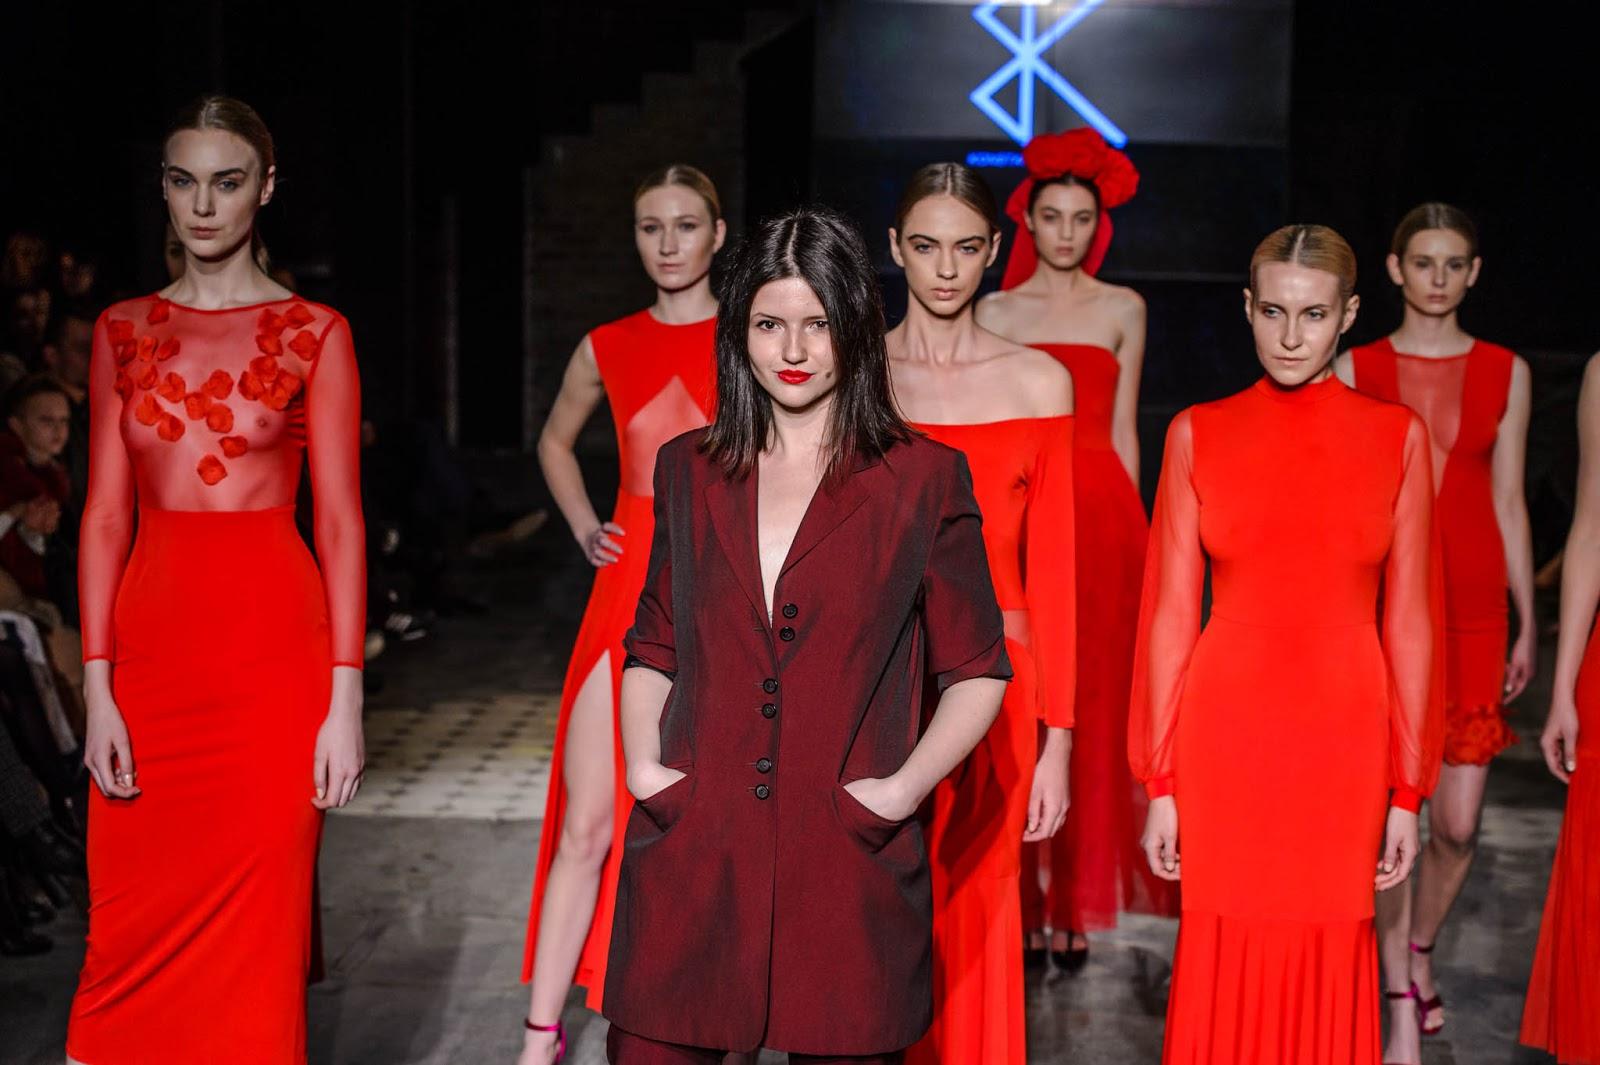 8_KTW-BRODZIAK-101117_lowres_fotFilipOkopny-FashionImages